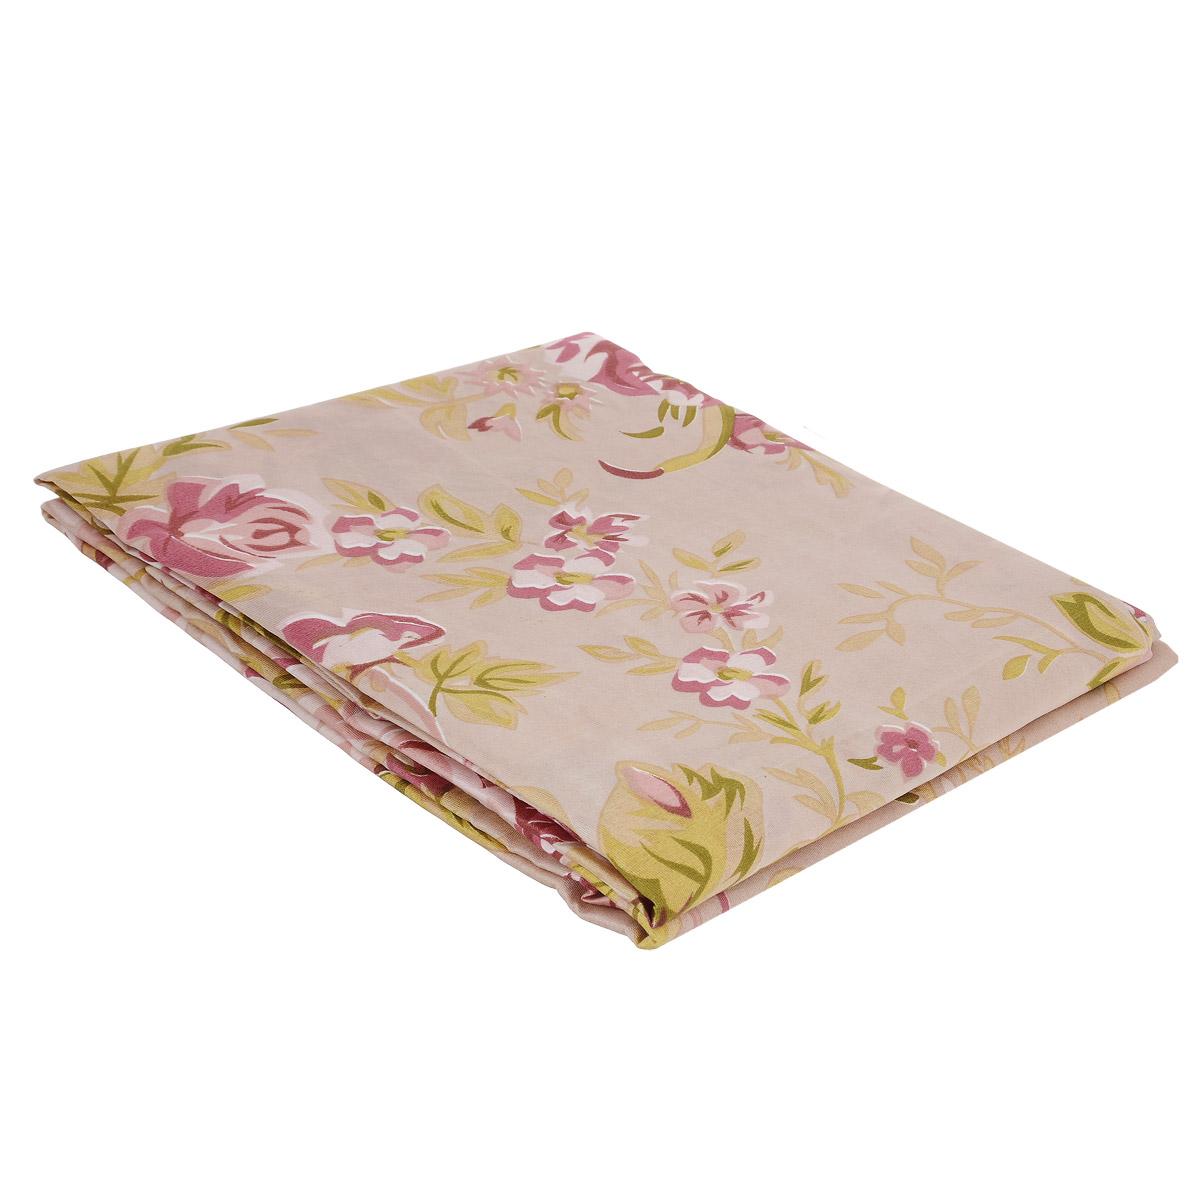 Комплект штор Ноты счастья, на петлях, цвет: розовый, зеленый, высота 220 смШпнс-140-220-2Роскошный комплект штор Ноты счастья, выполненный из текстиля, великолепно украсит любое окно. Комплект состоит из двух штор. Шторы выполнены из непрозрачной ткани средней плотности и декорированы изящным цветочным рисунком. Оригинальный дизайн и нежная цветовая гамма привлекут к себе внимание и органично впишутся в интерьер комнаты. Все предметы комплекта - на петлях.